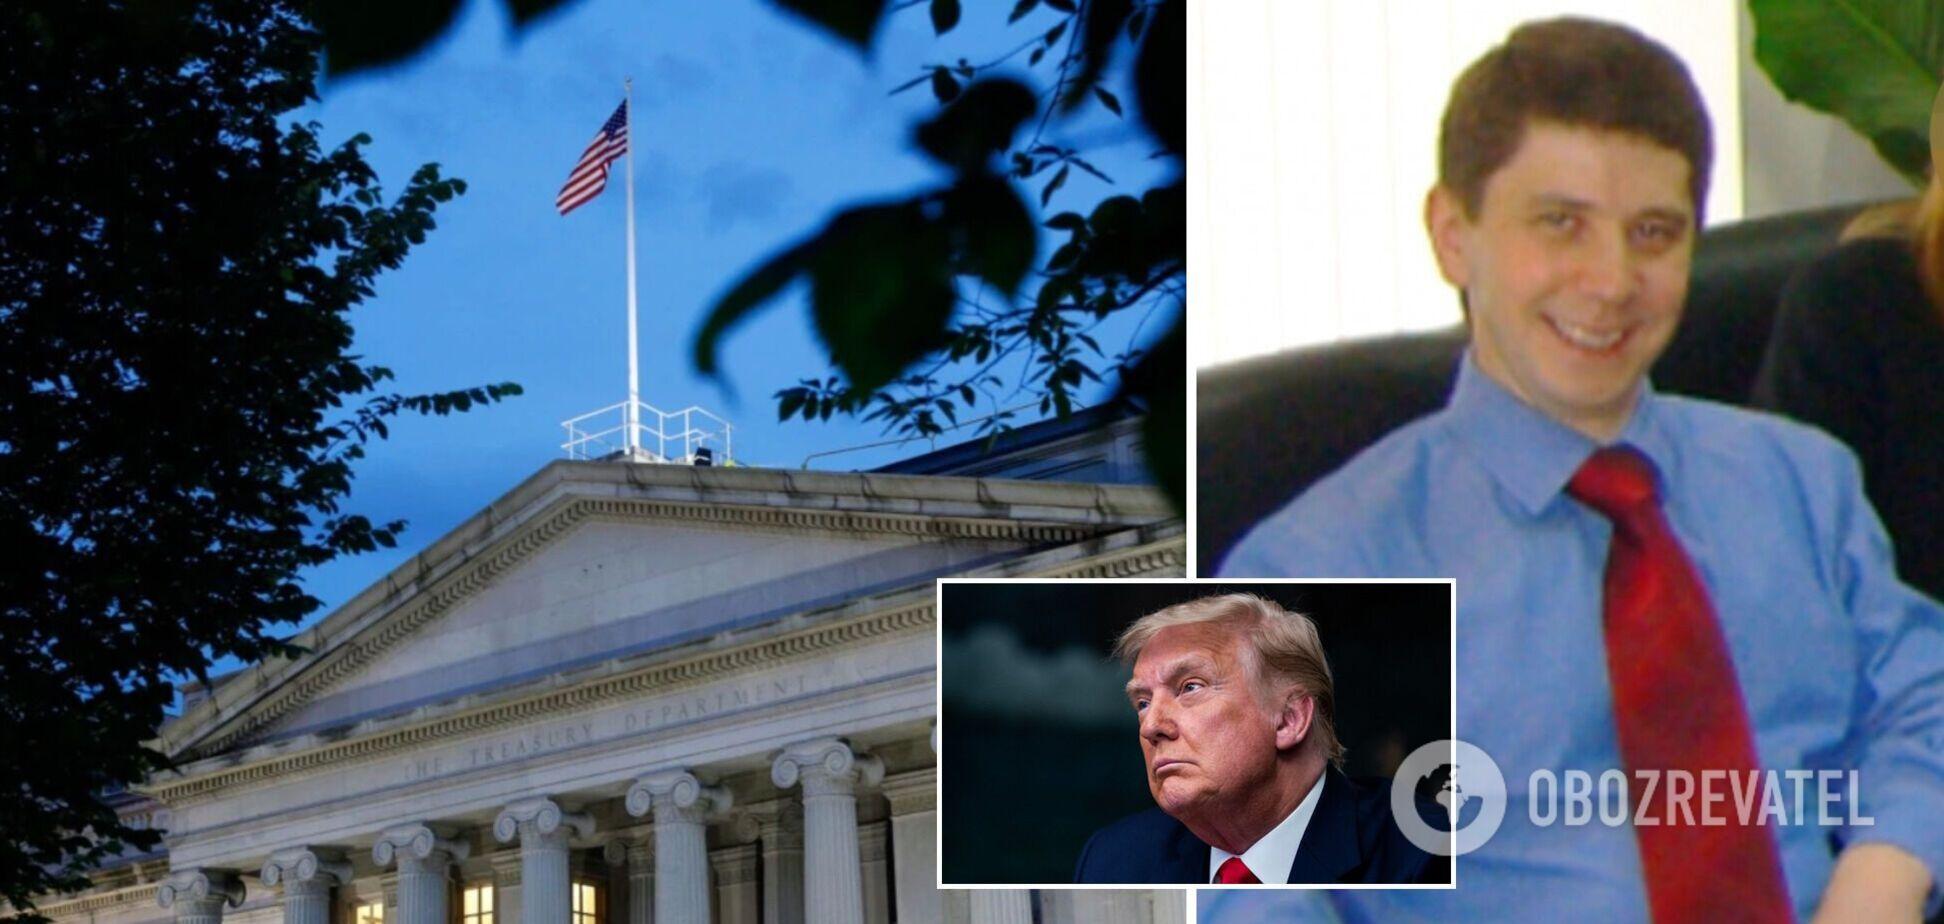 Агент РФ Килимник передавал разведке данные об избирательной кампании Трампа – Минфин США